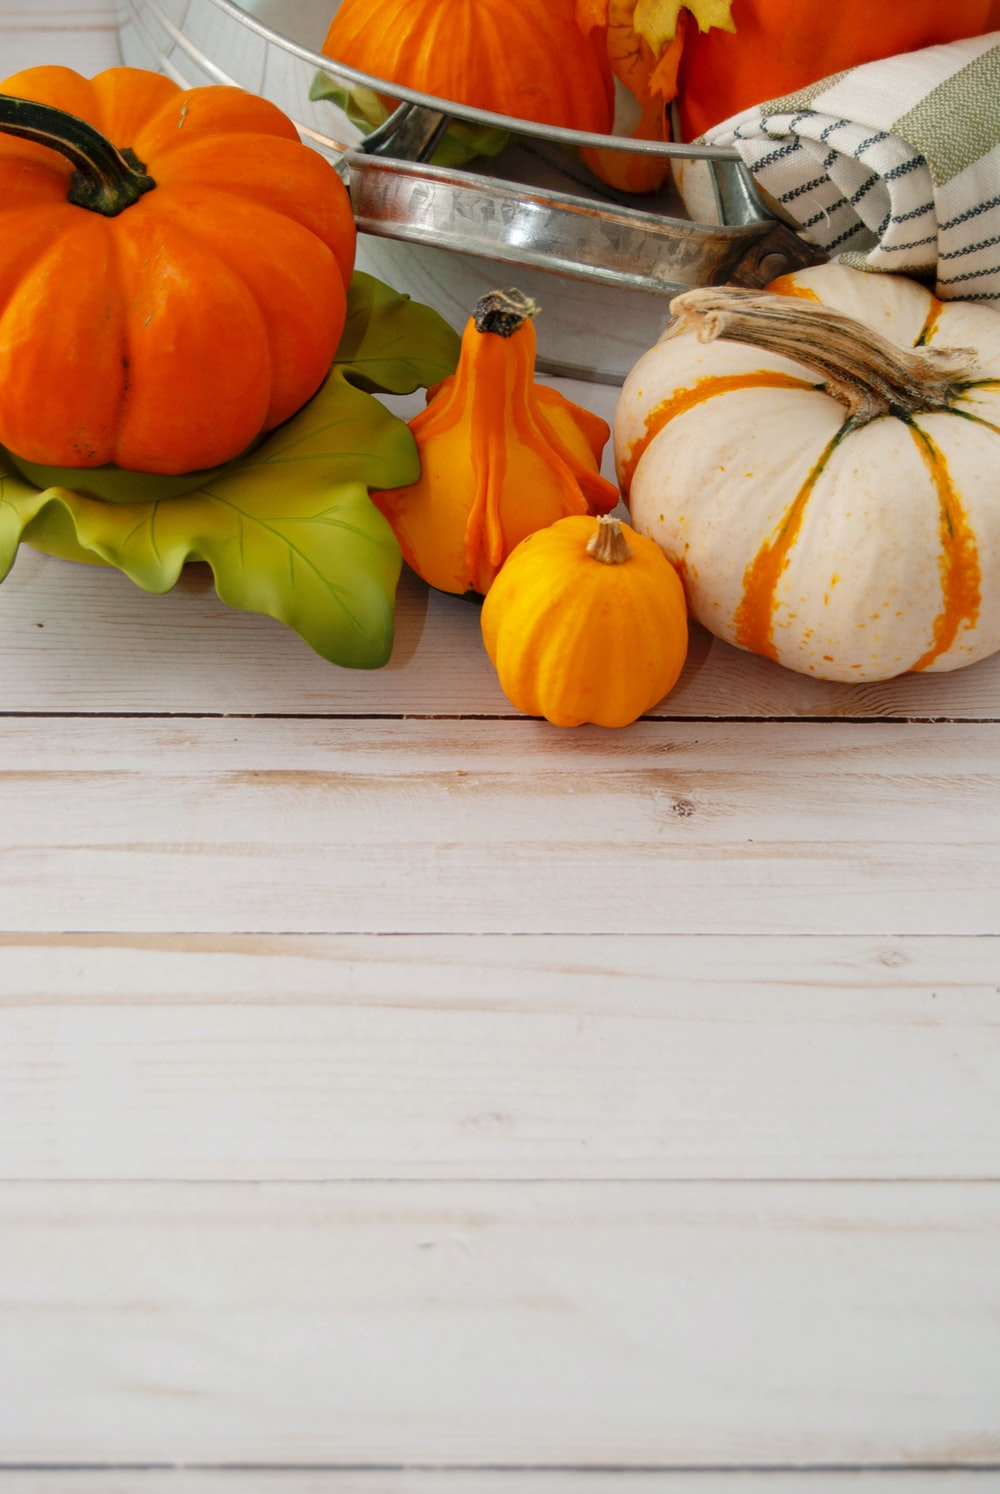 orange pumpkin and orange pumpkin